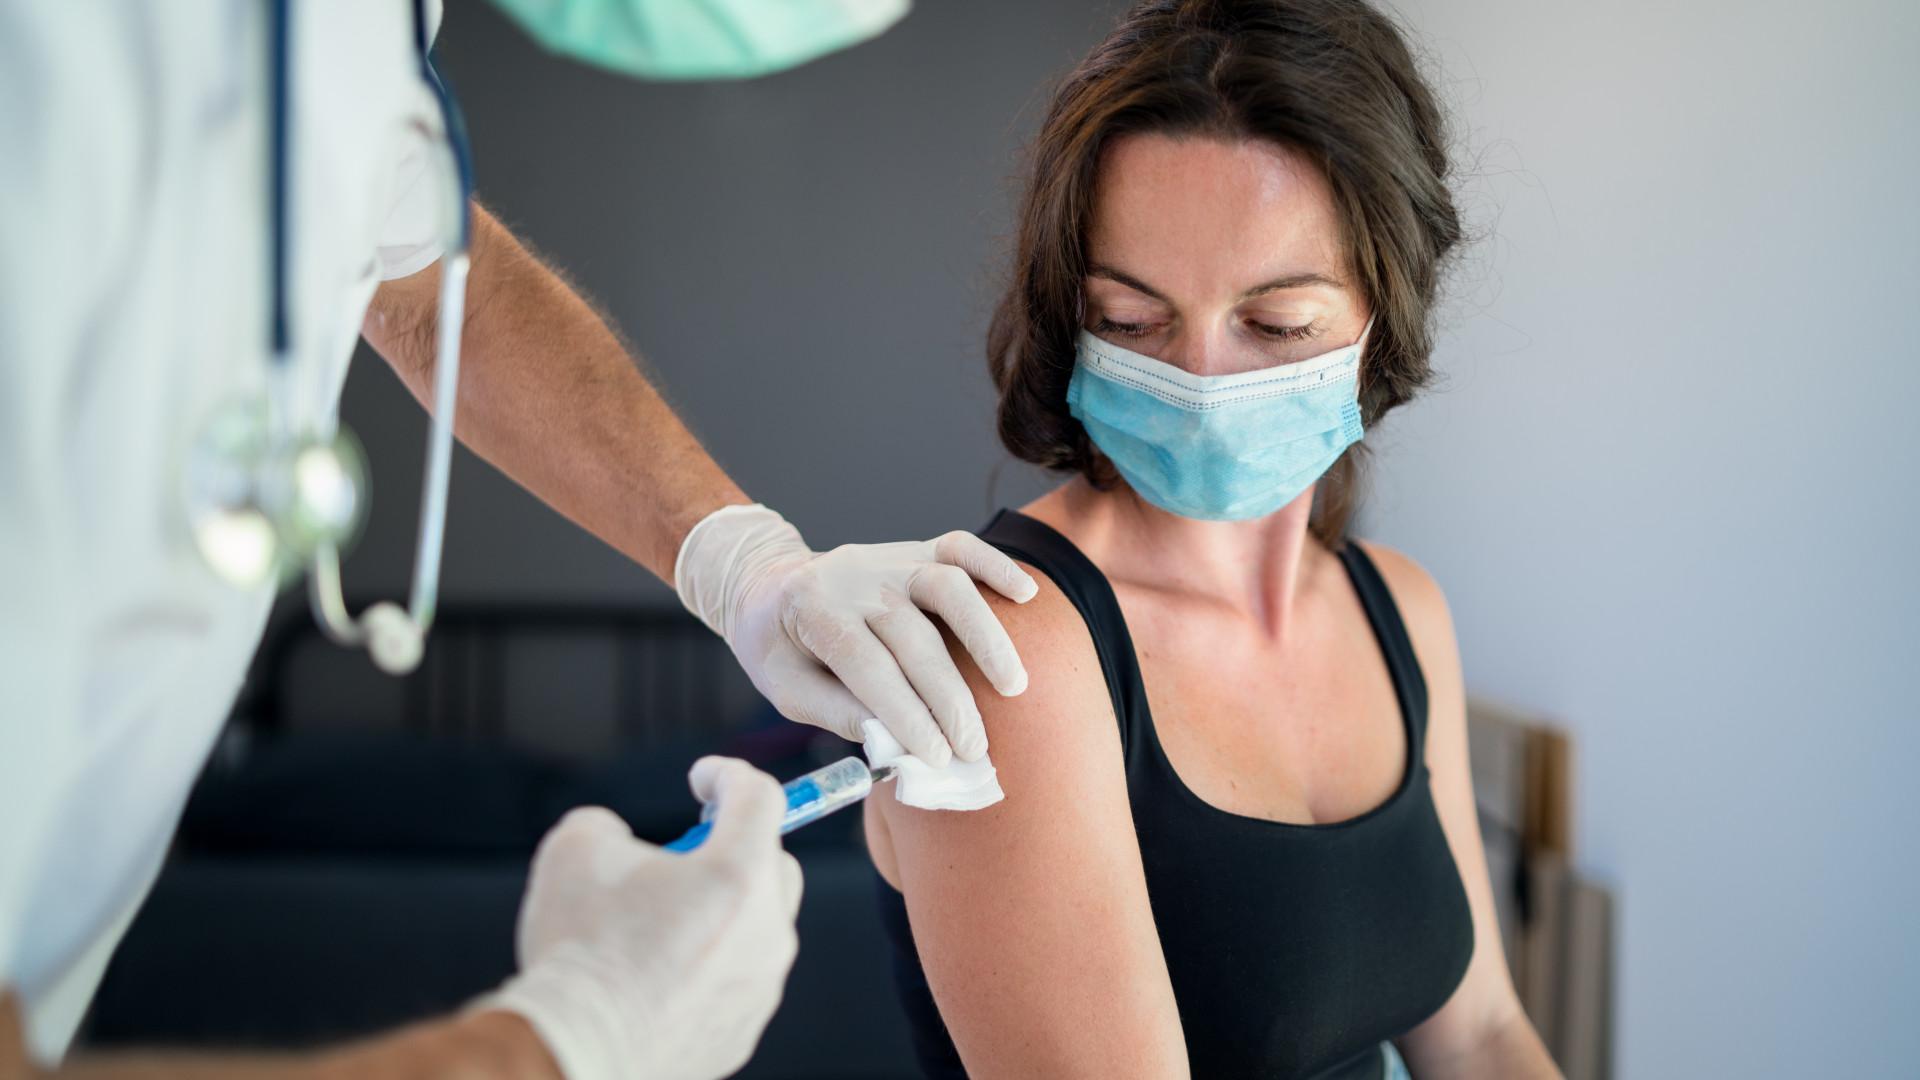 Koronavírus: egy hónapos csúszással érte el a 70 százalékos oltottságot Amerika